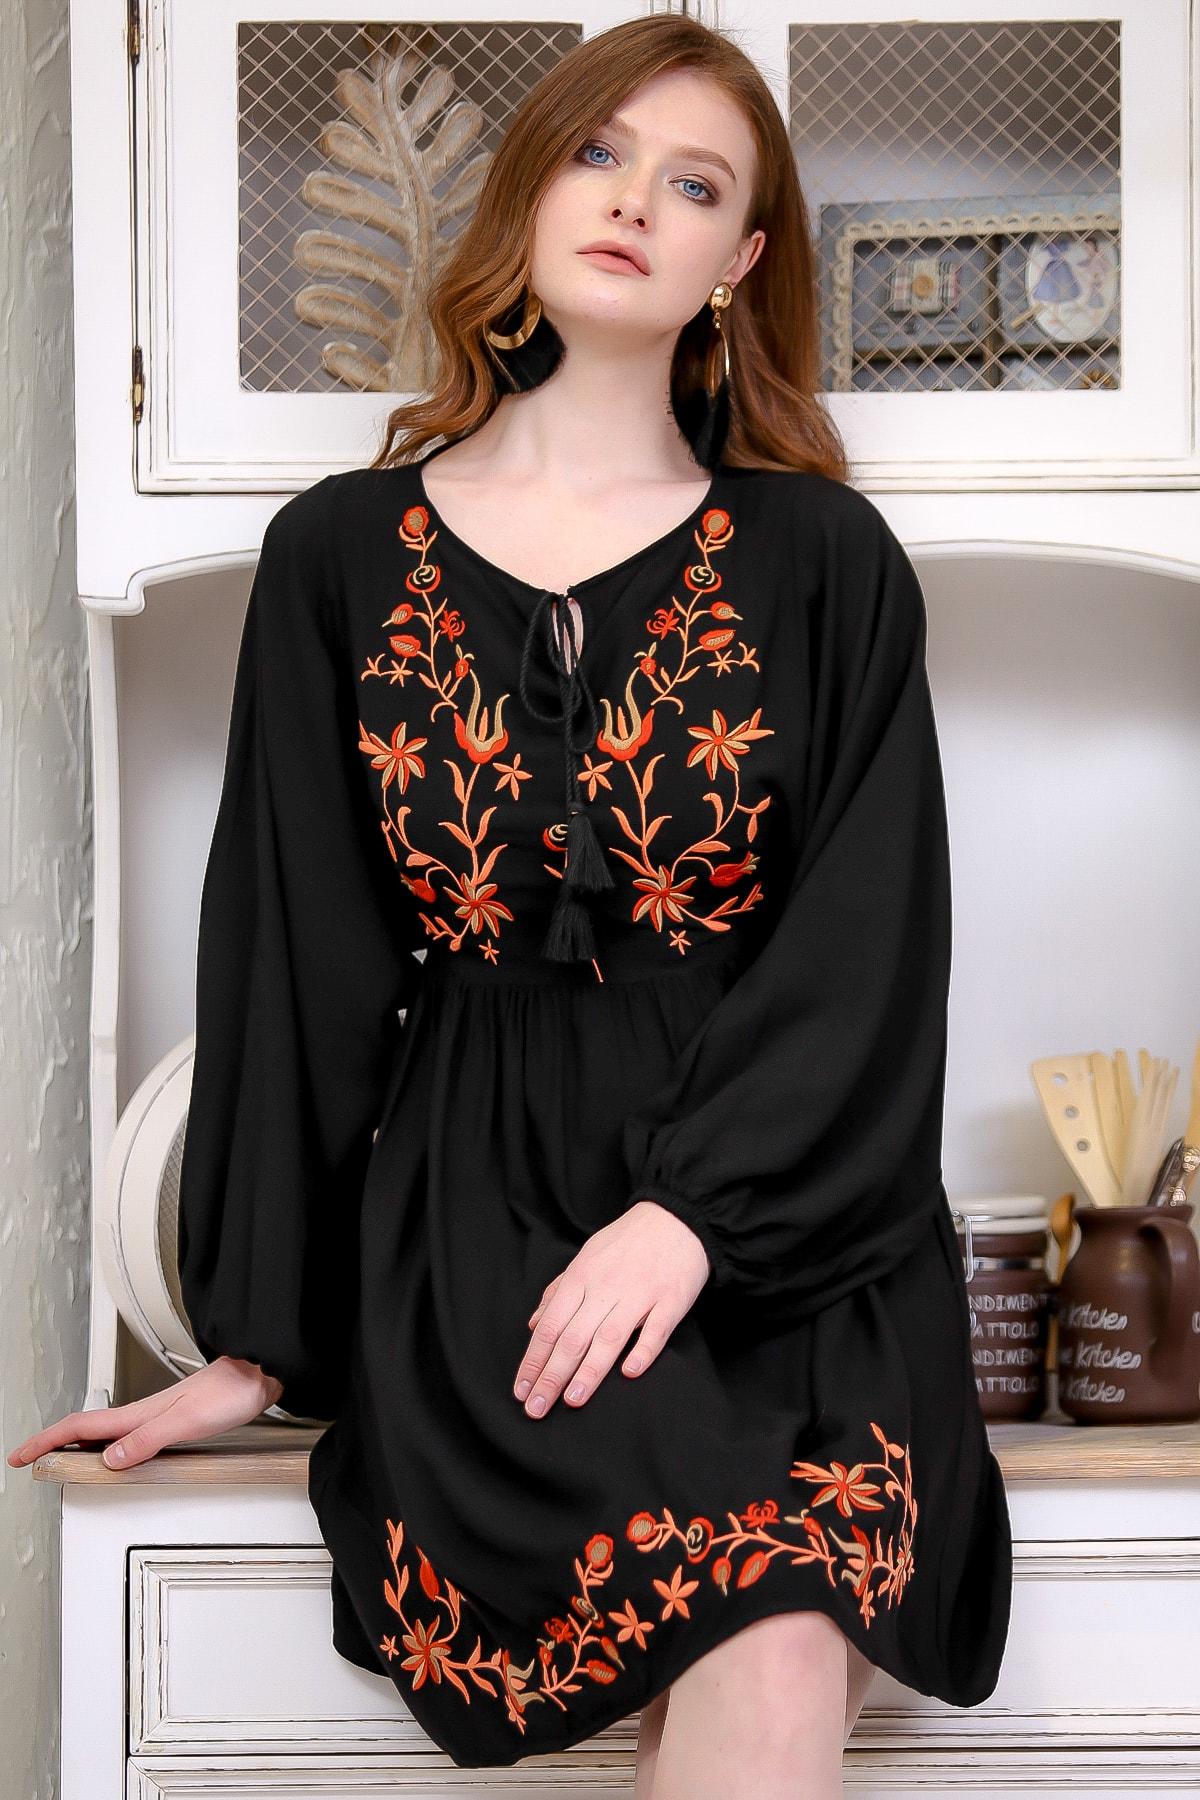 Chiccy Kadın Siyah Retro Çiçek Nakış Detaylı Balon Kol Dokuma Astarlı Elbise  M10160000EL97273 0